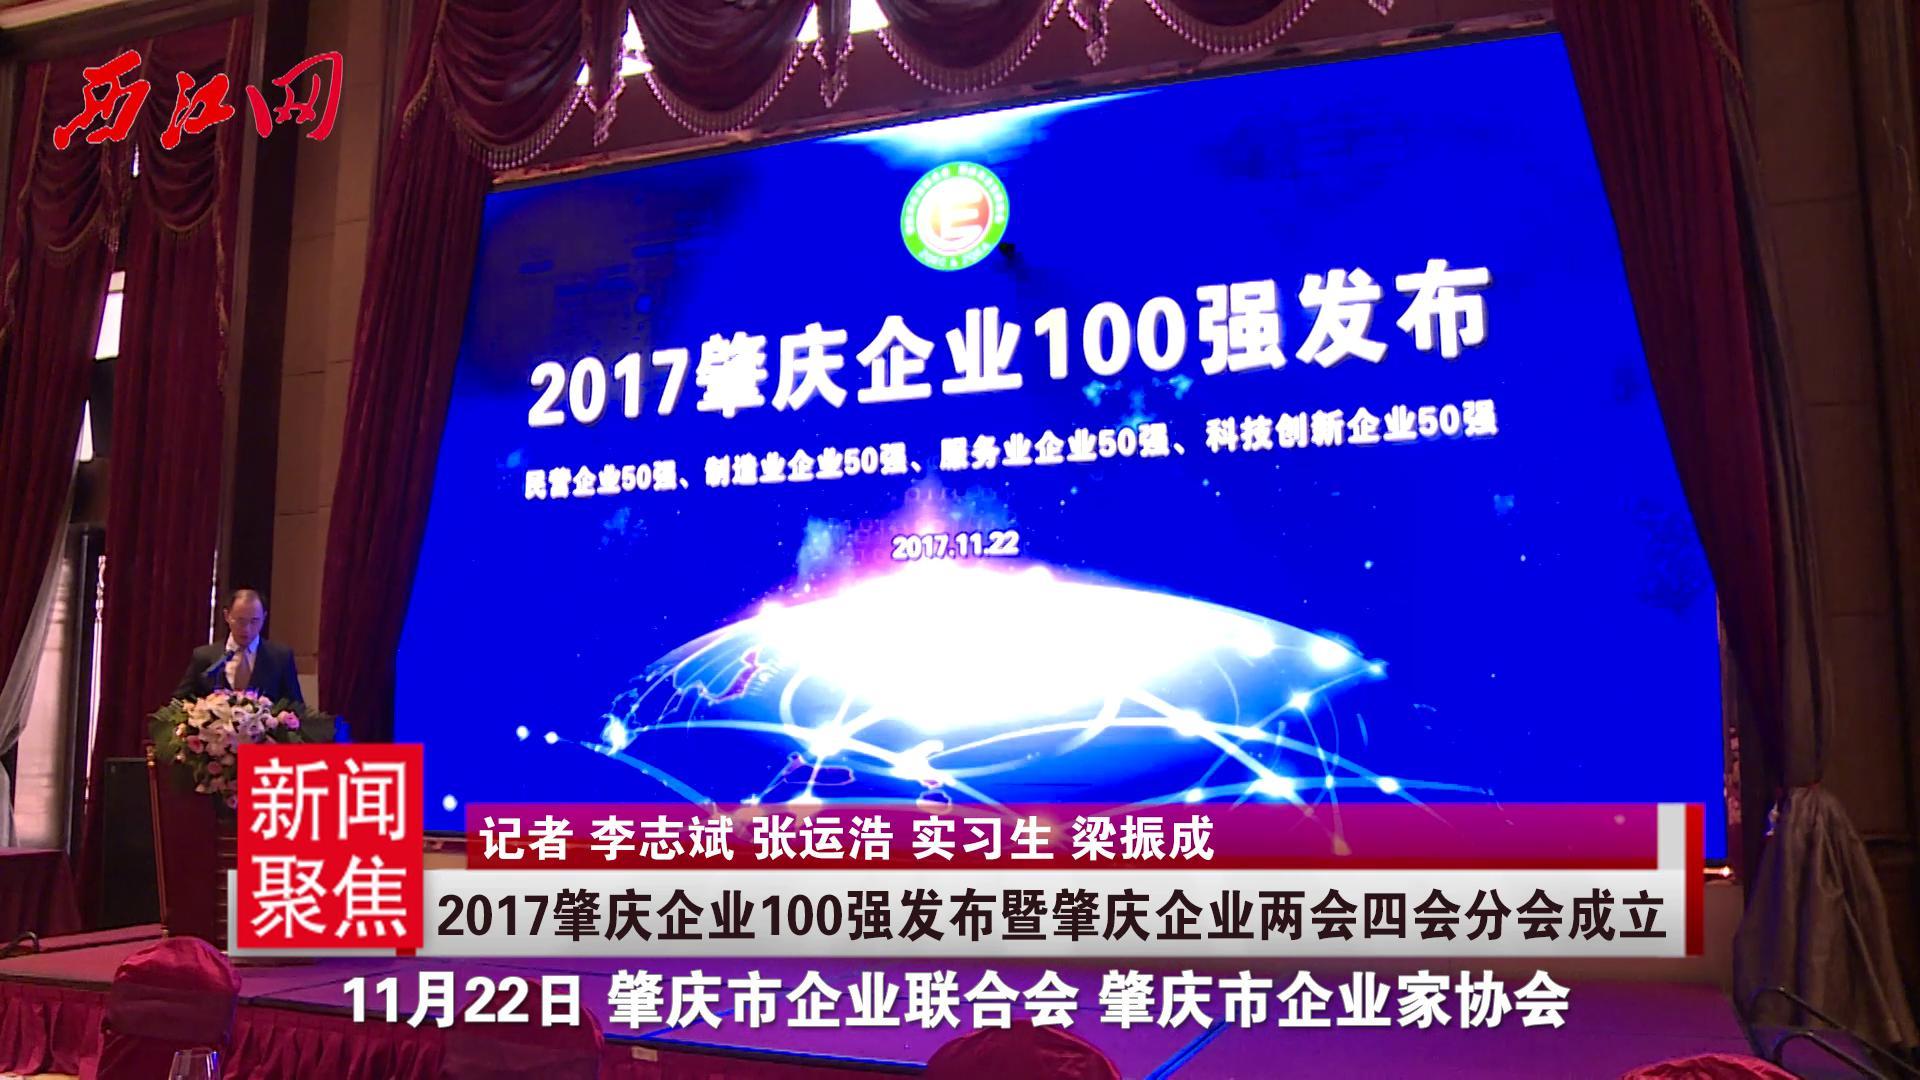 2017肇庆企业100强发布暨肇庆企业两会四会分会成立